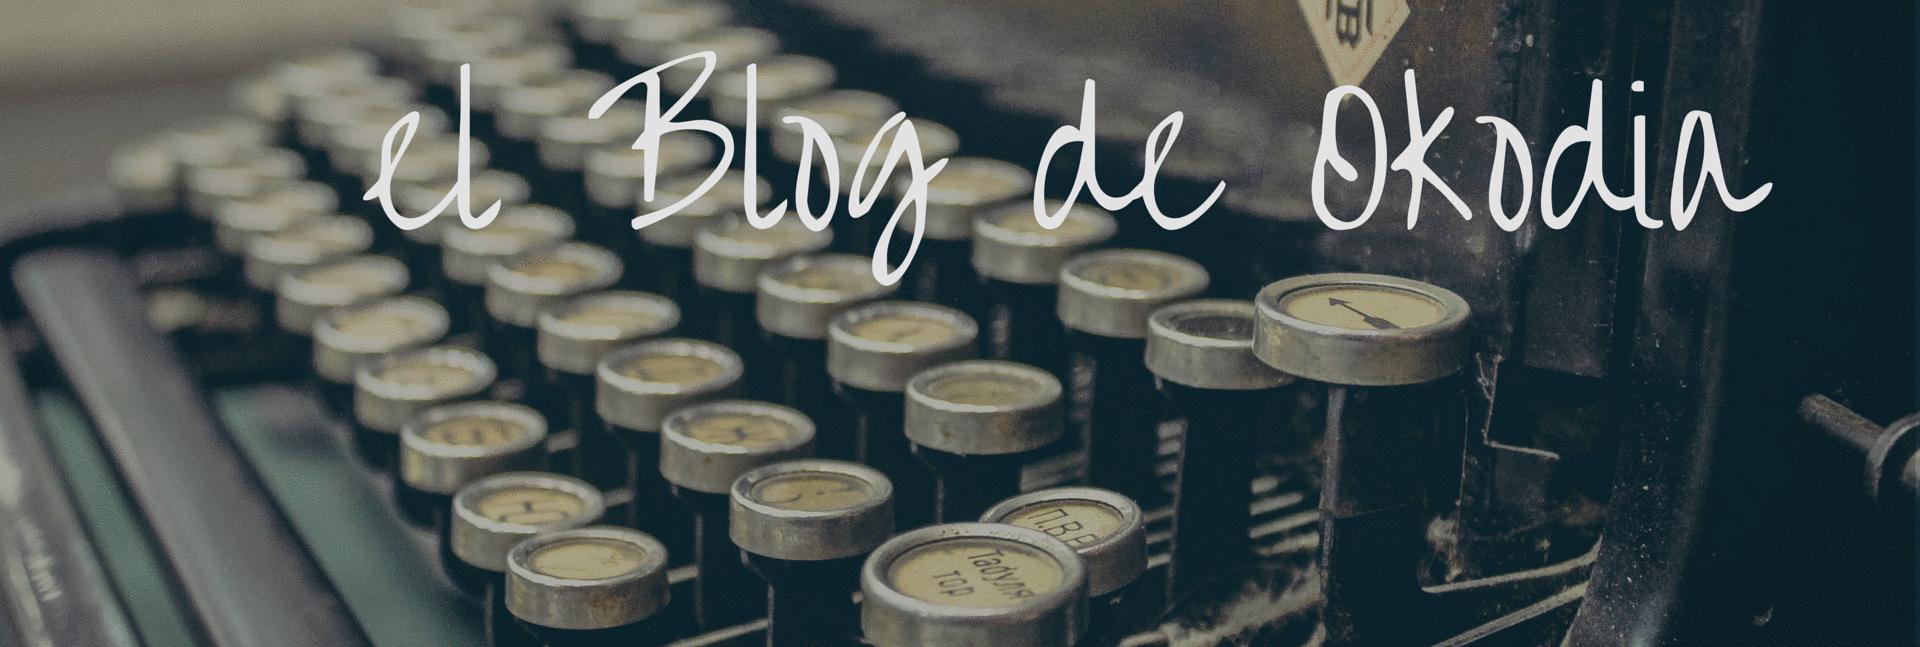 el-Blog-de-Okodia_1